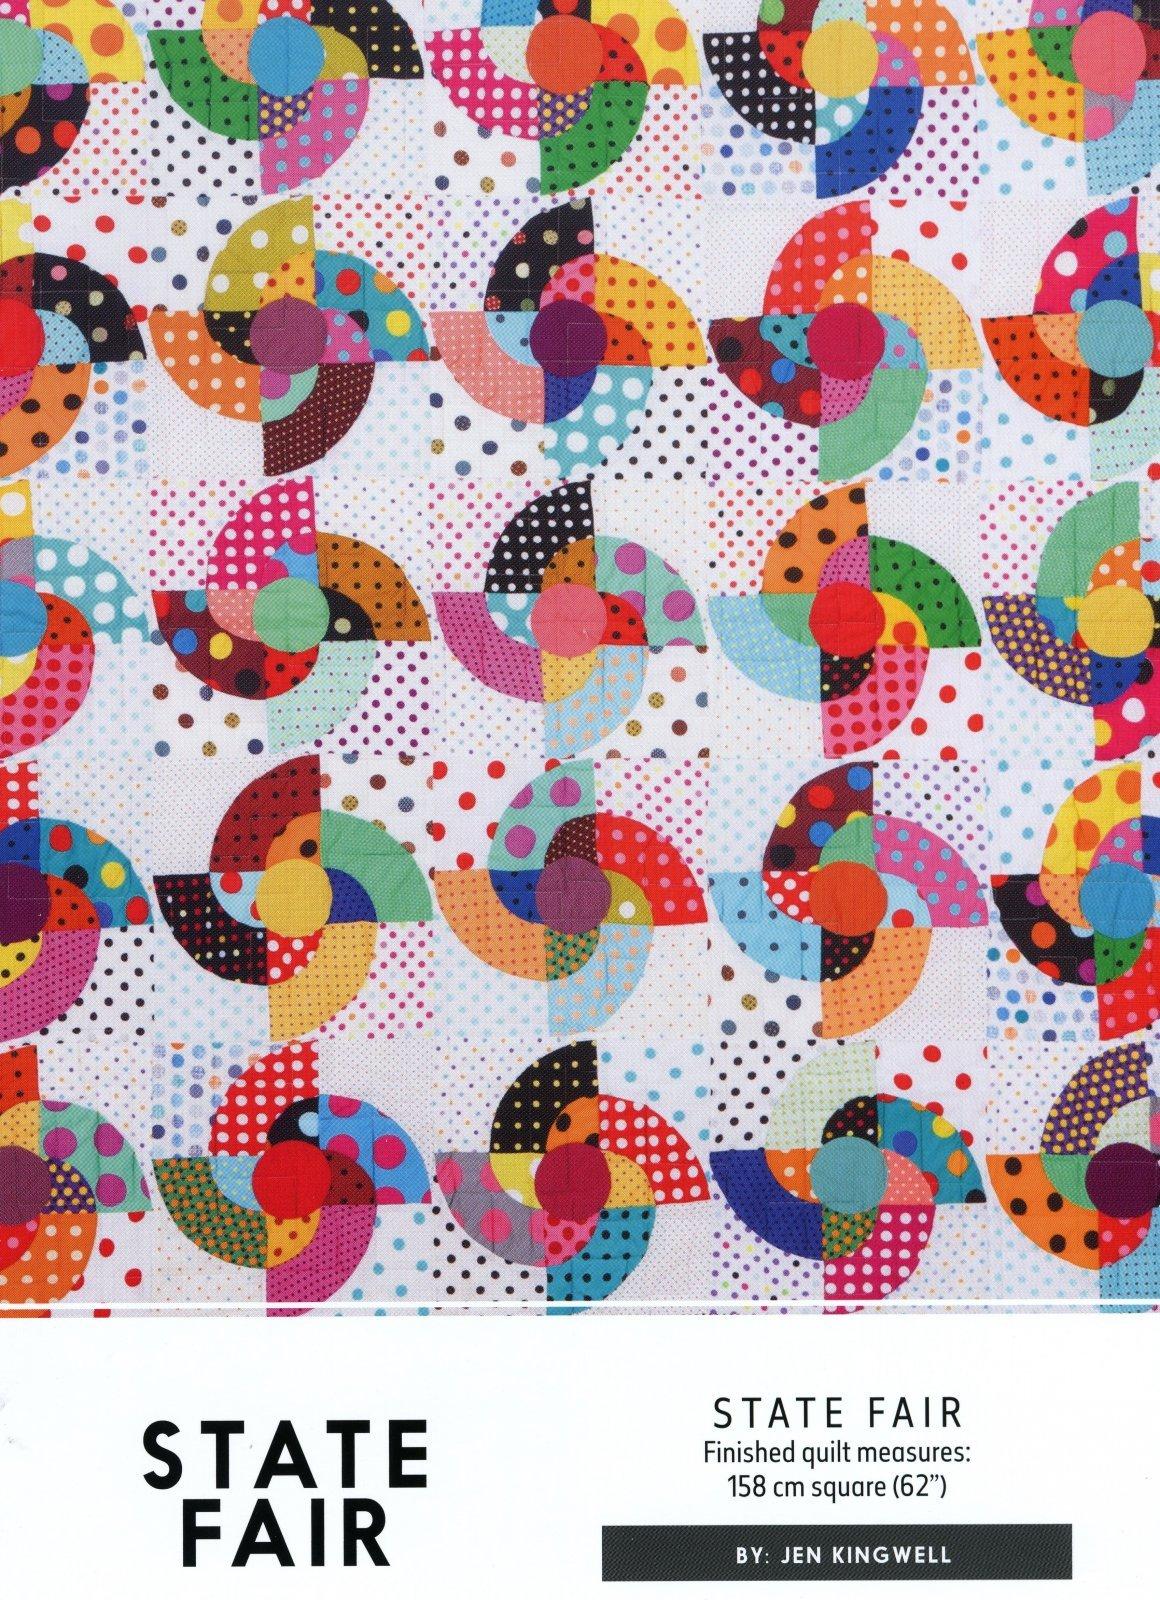 State Fair Pattern by Jen Kingwell